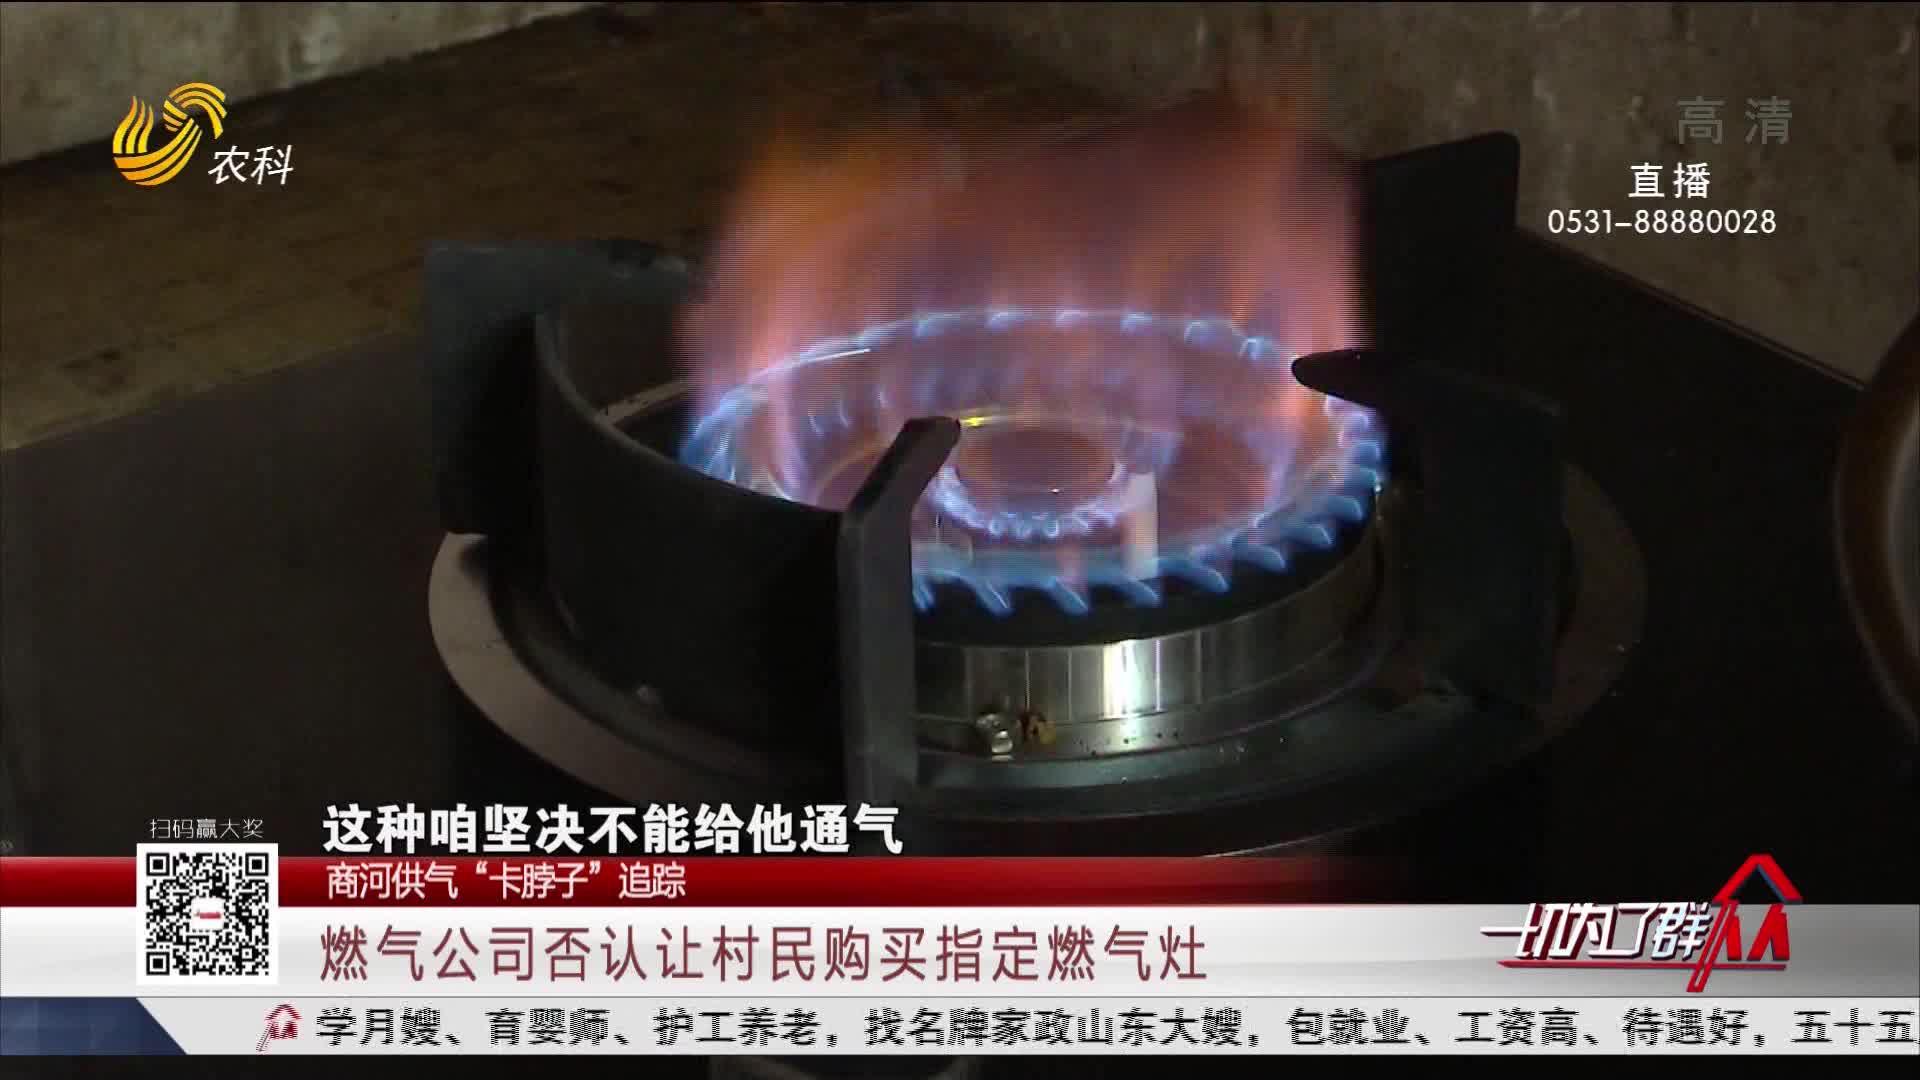 """【商河供气""""卡脖子""""追踪】燃气公司否认让村民购买指定燃气灶"""